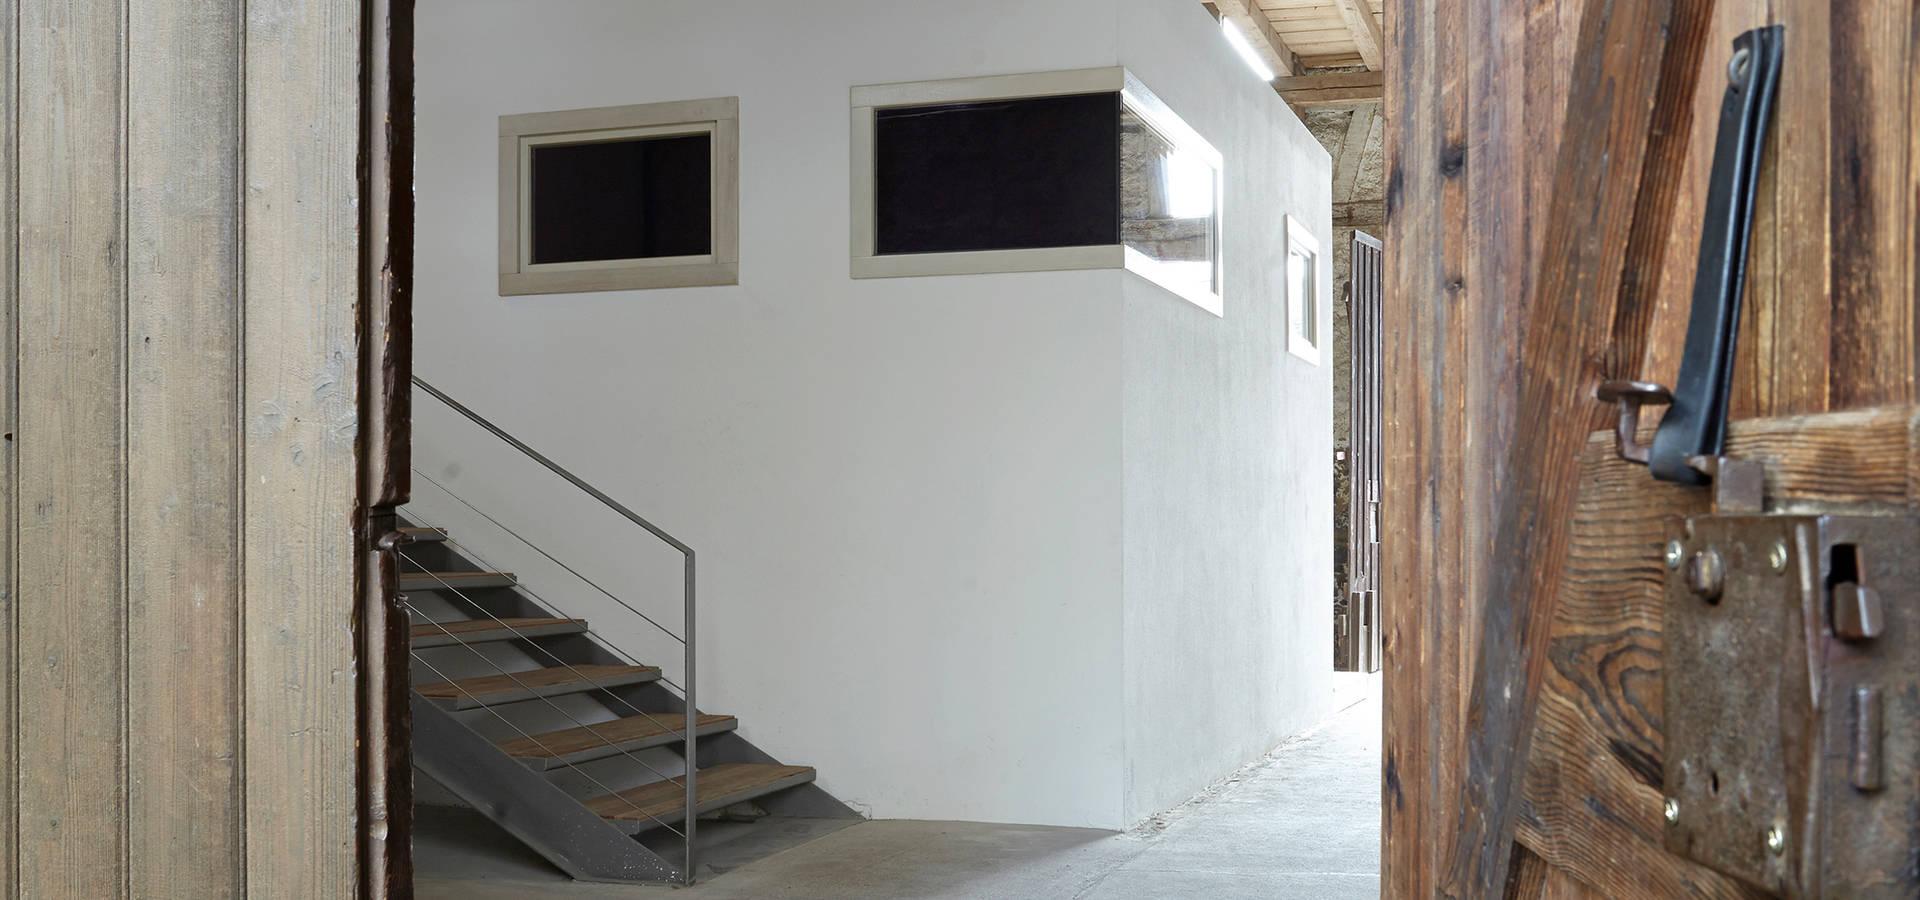 ab.rm – gesellschaft für interdisziplinäres arbeiten in den bereichen architektur, urbanistik, design, kunst